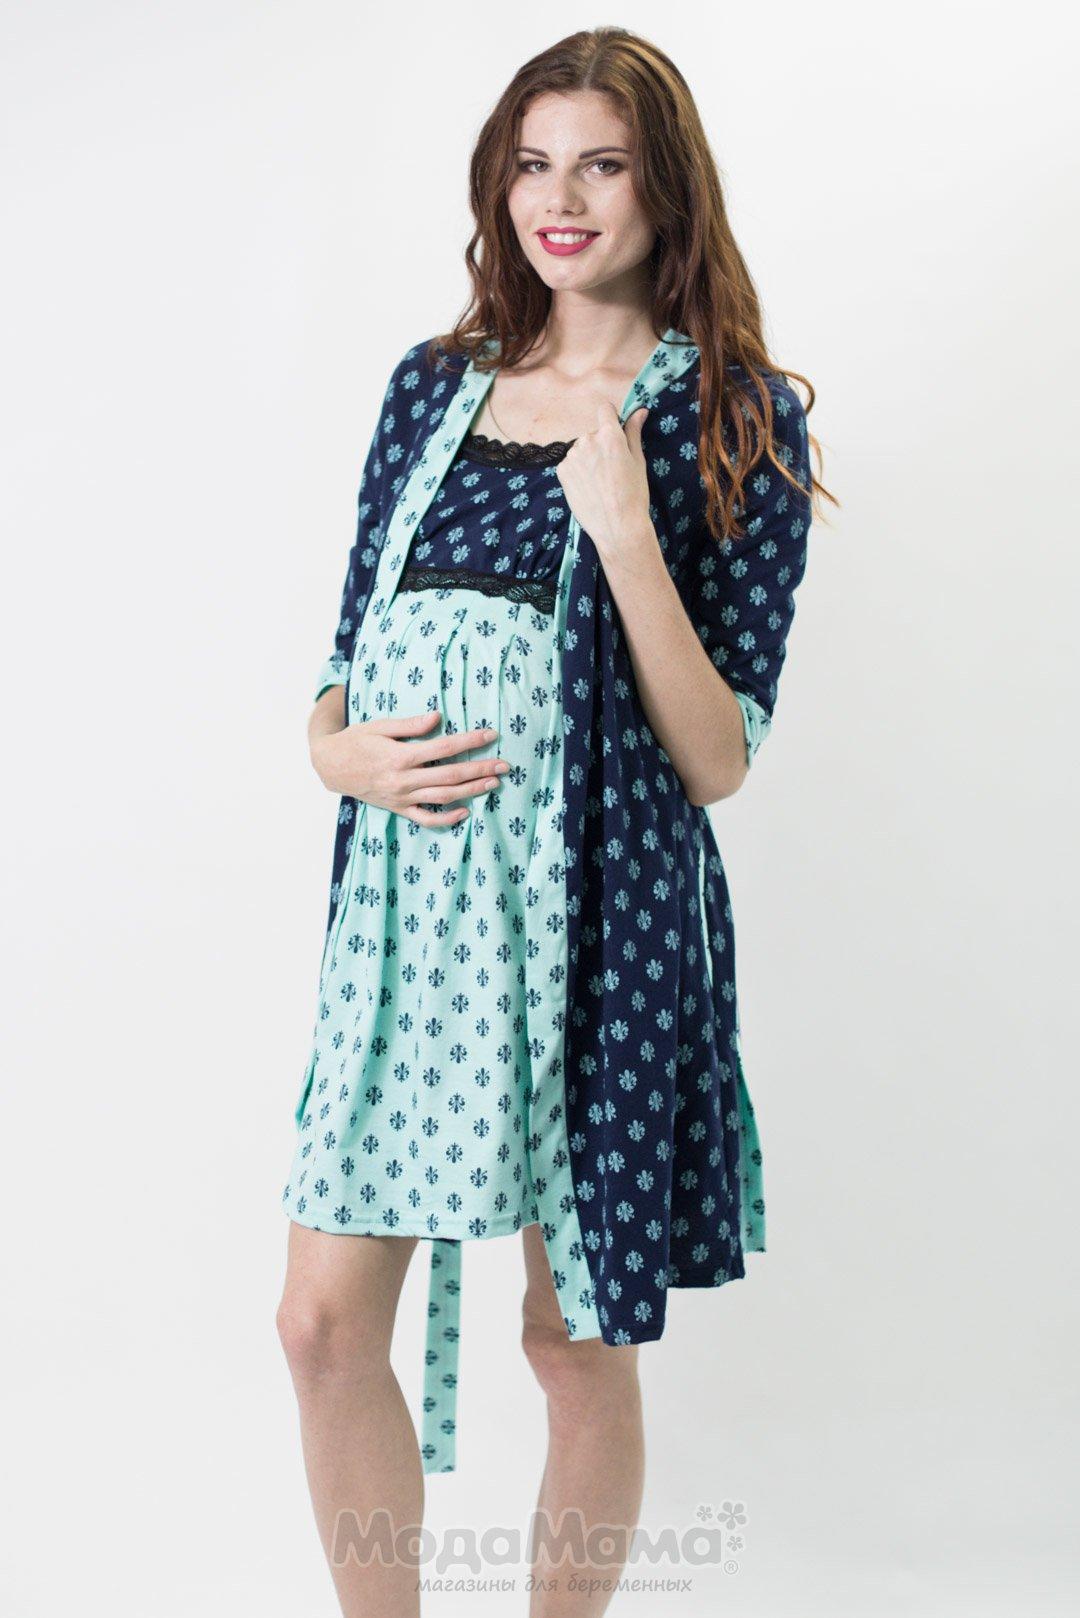 Комплект для роддома мм266 Т.синий принт купить - Одежда для ... a0dae941821d3